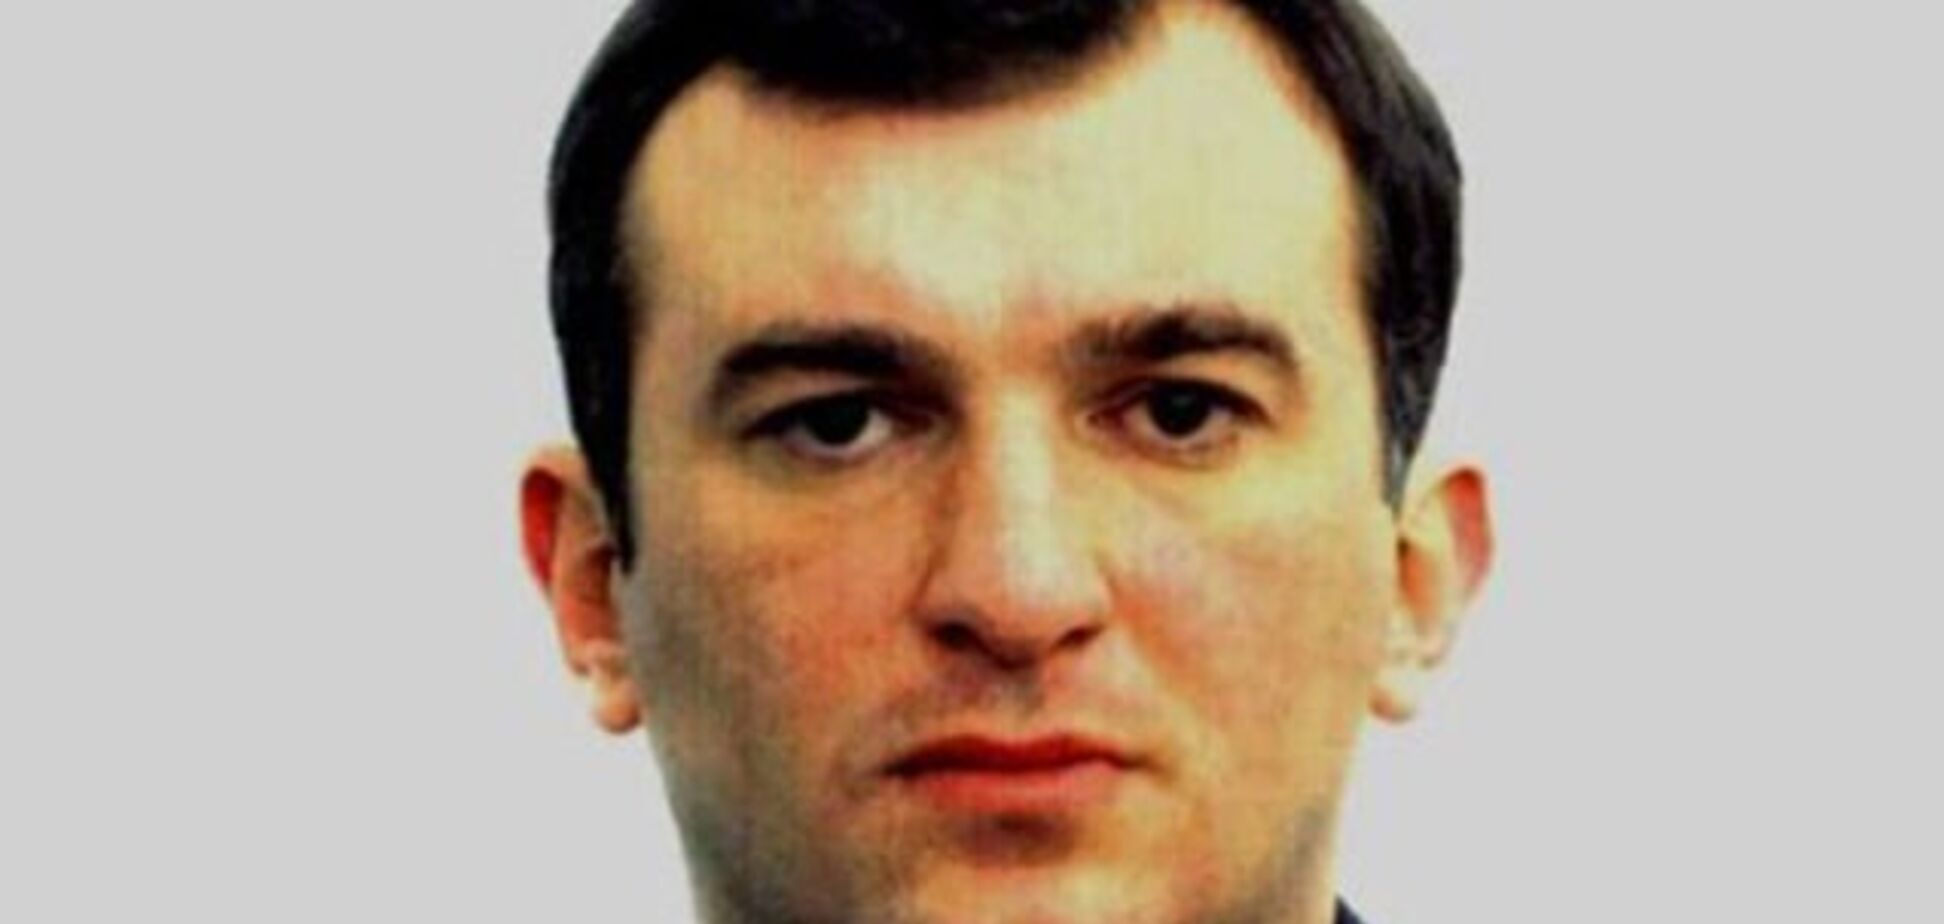 Обвиняется в убийствах и пытках: в Украине задержали соратника Саакашвили